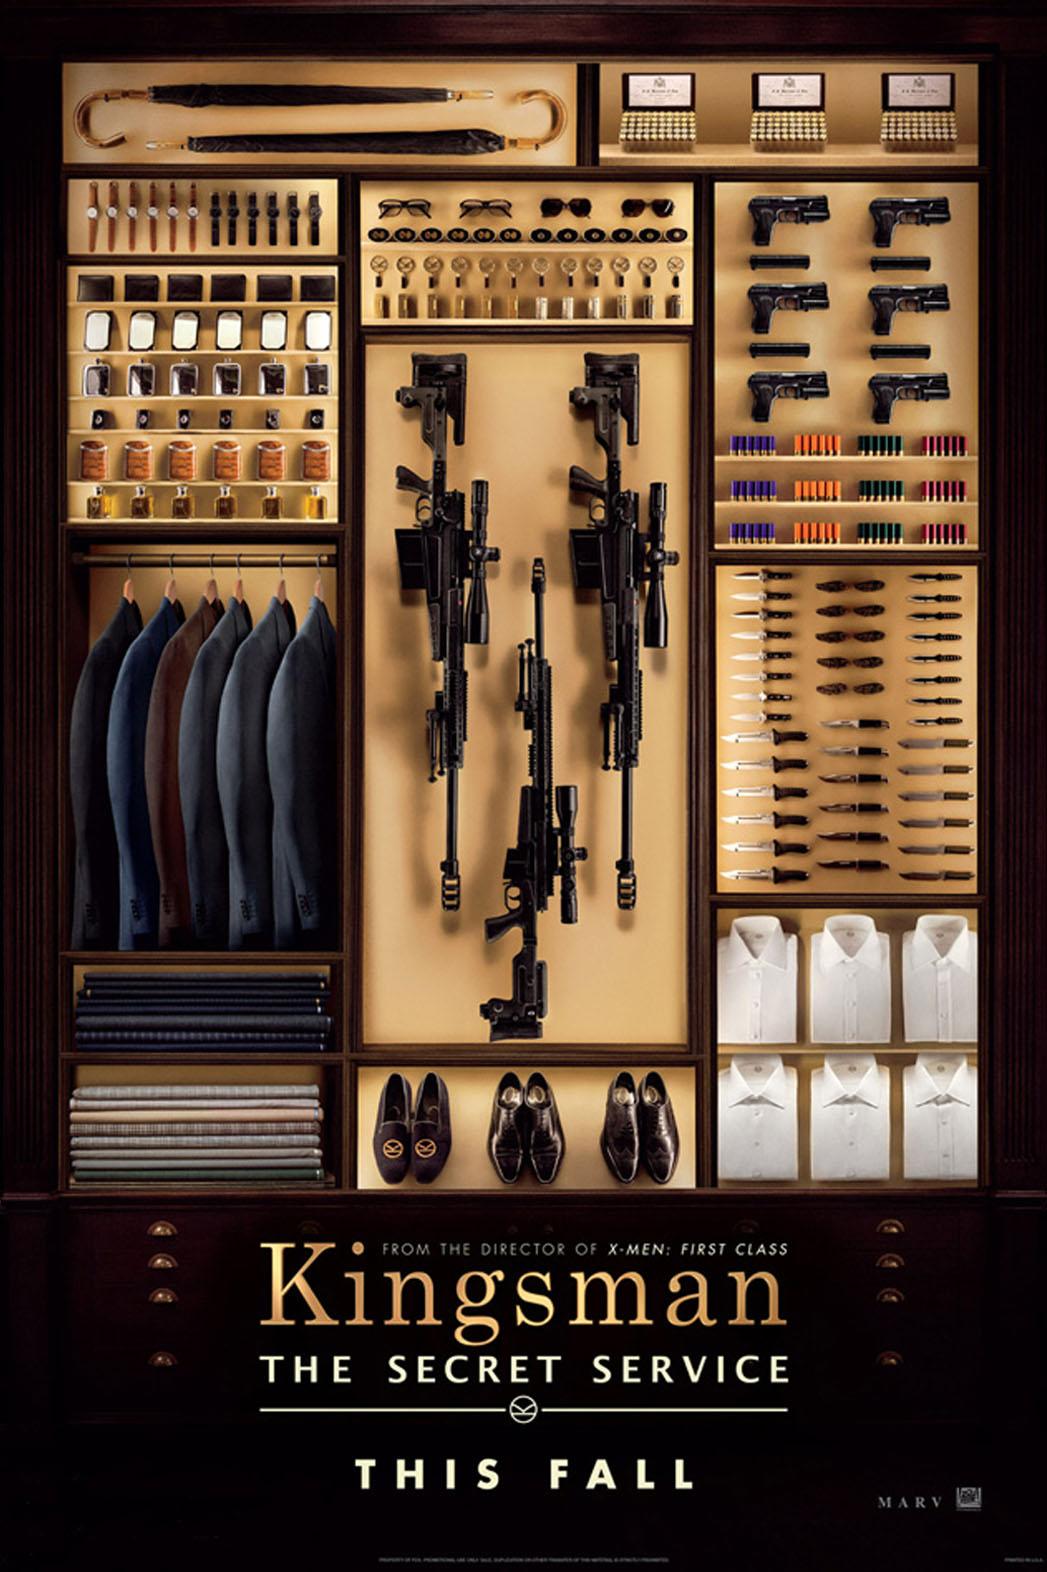 Kingsman Preview Poster - P 2014